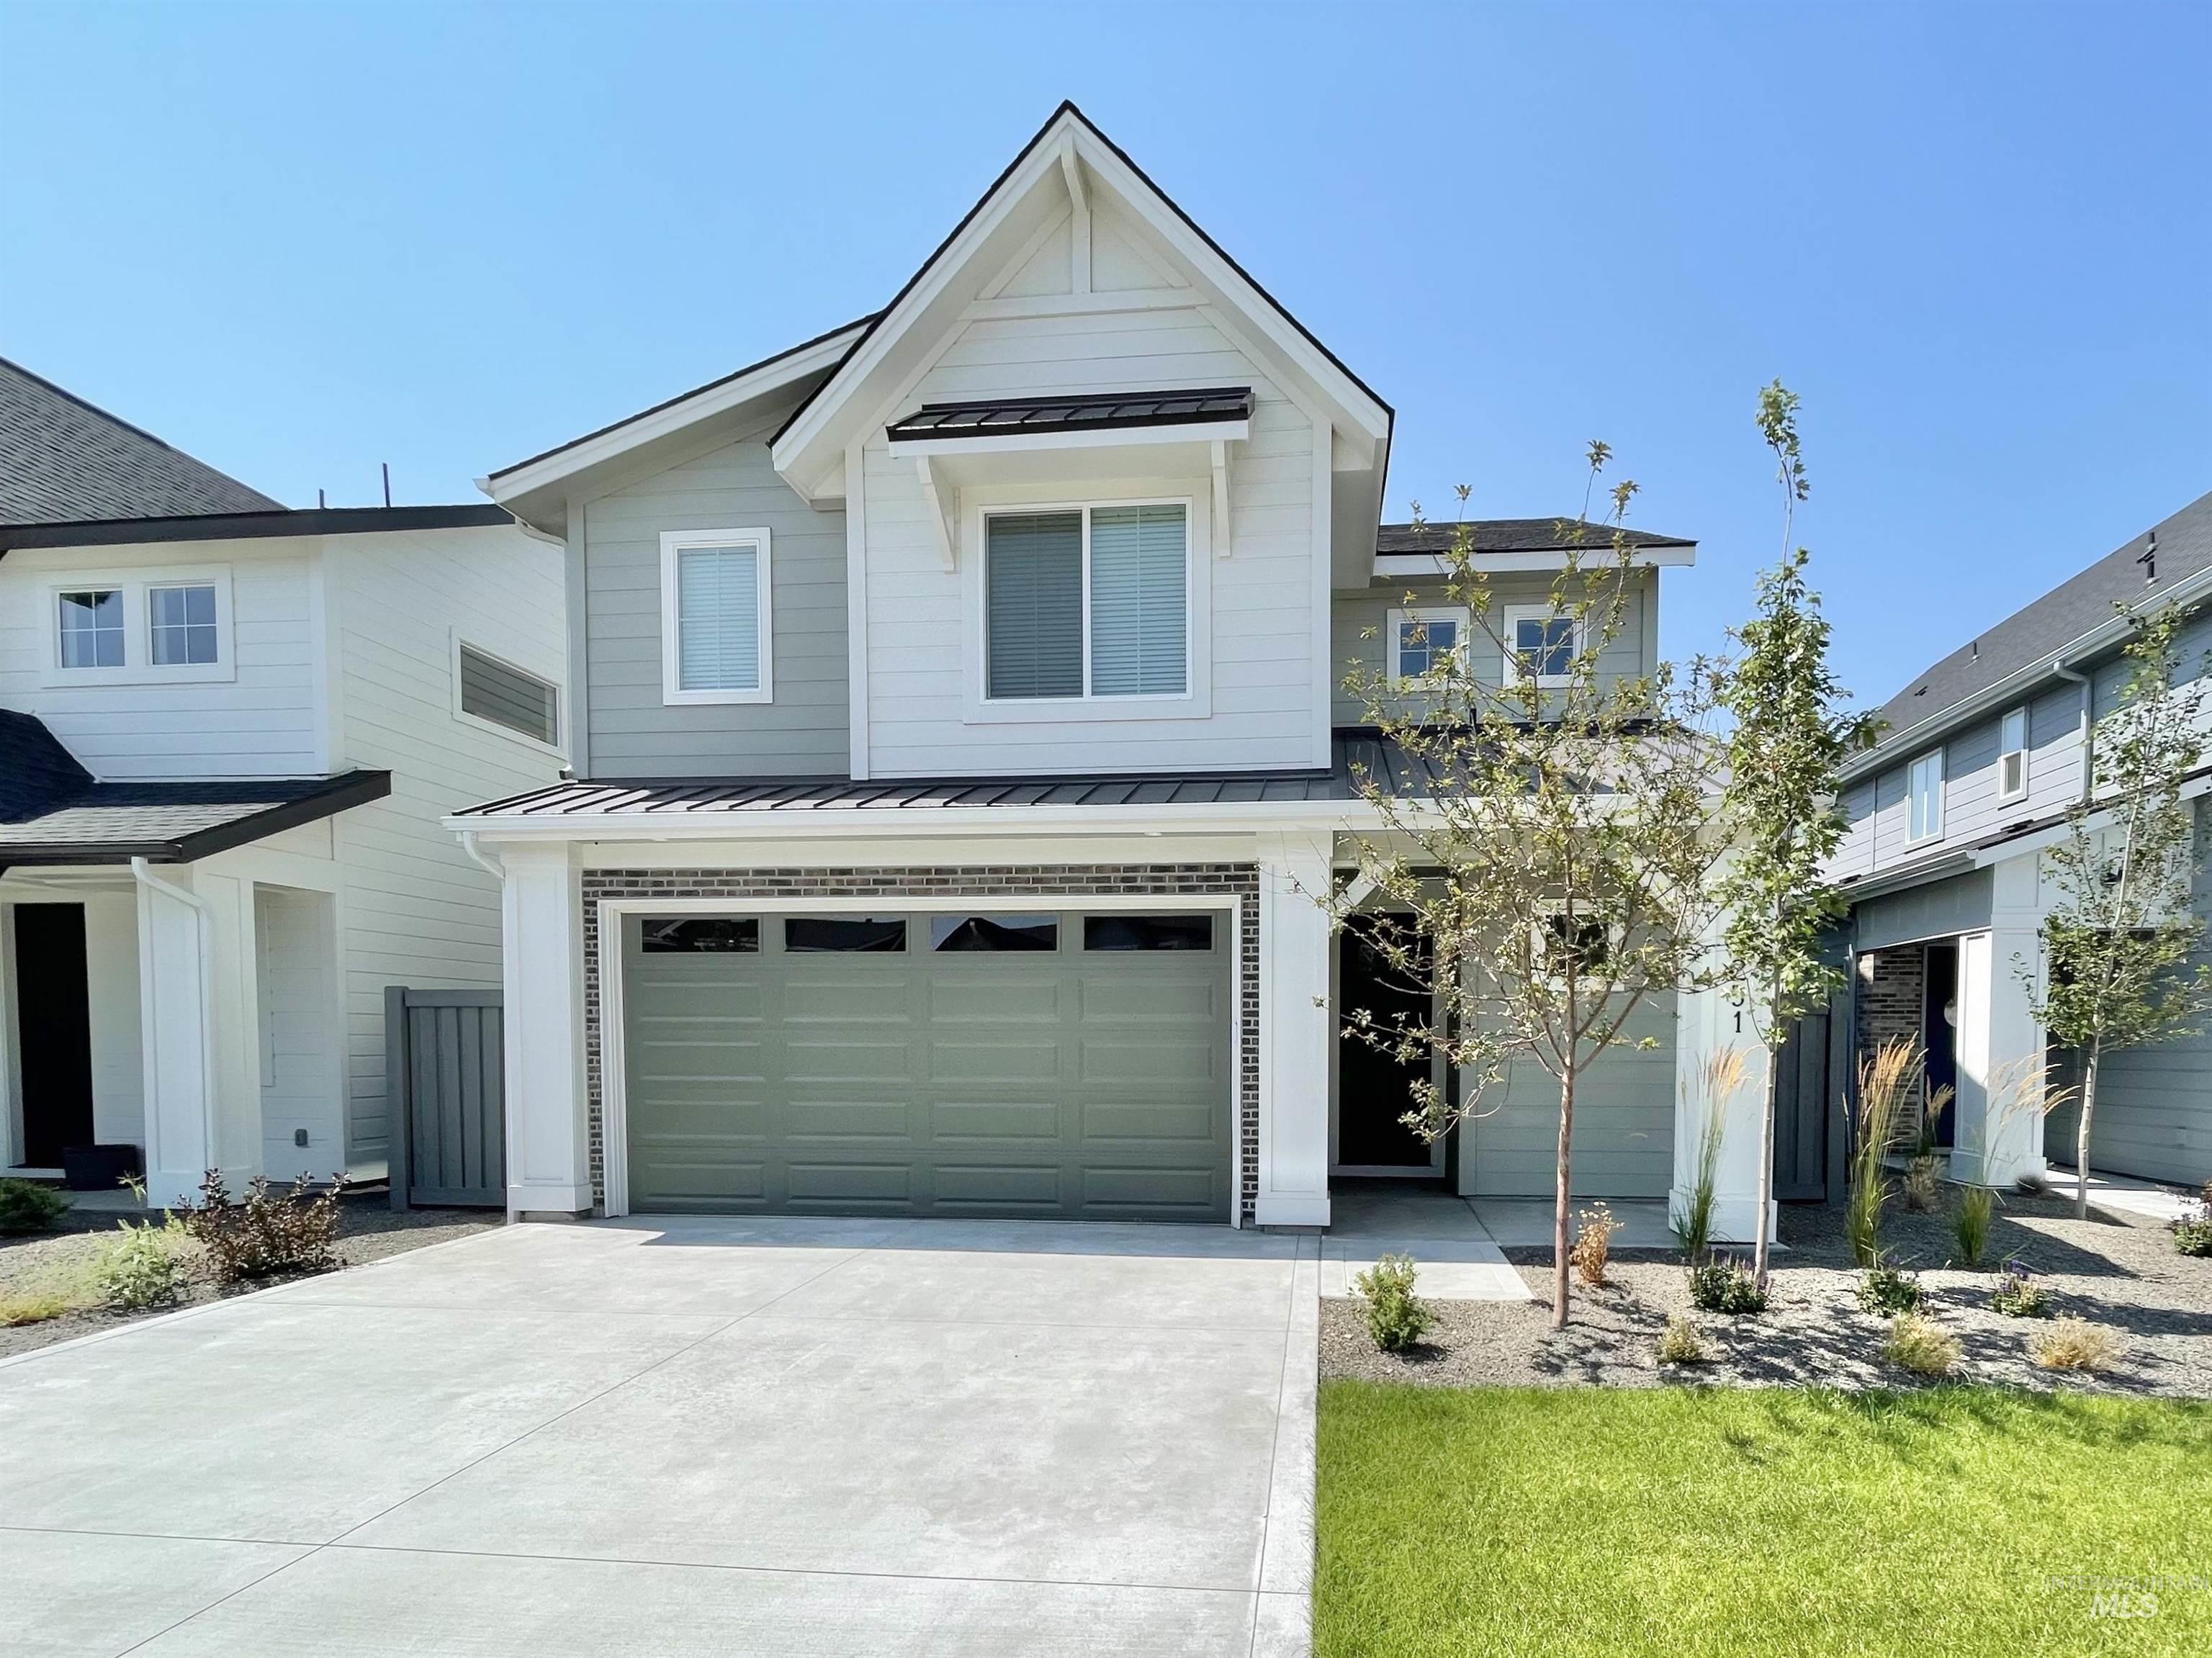 6251 S Wayland Property Photo